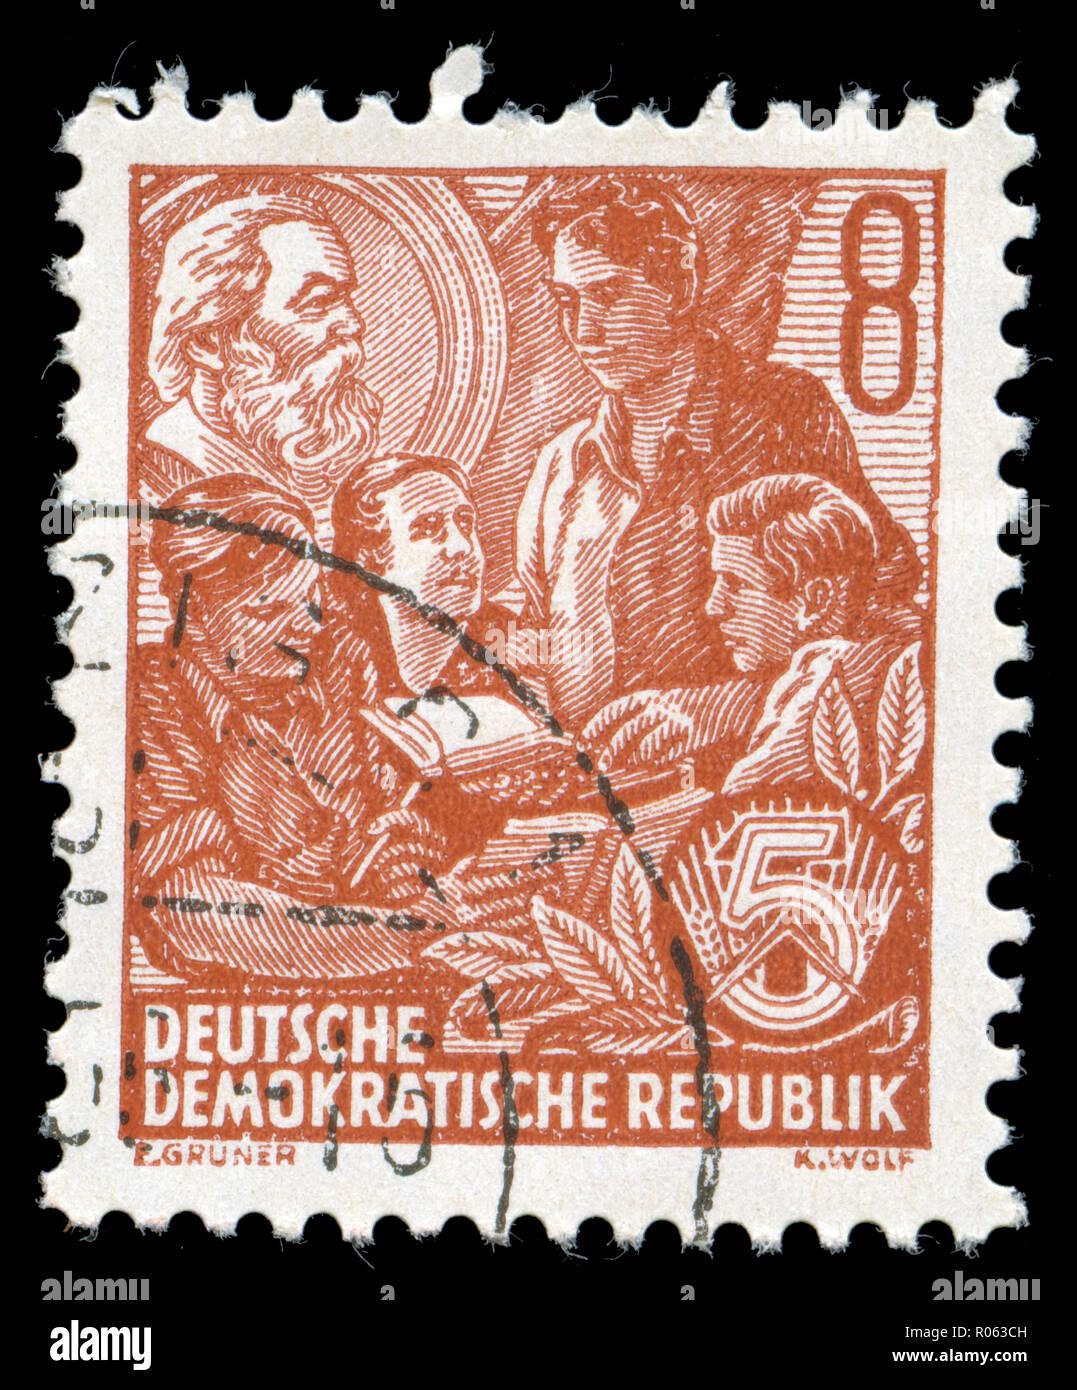 N°8 Deutsche Demokratische Republik under construction Germany DDR 1954 CHROMO